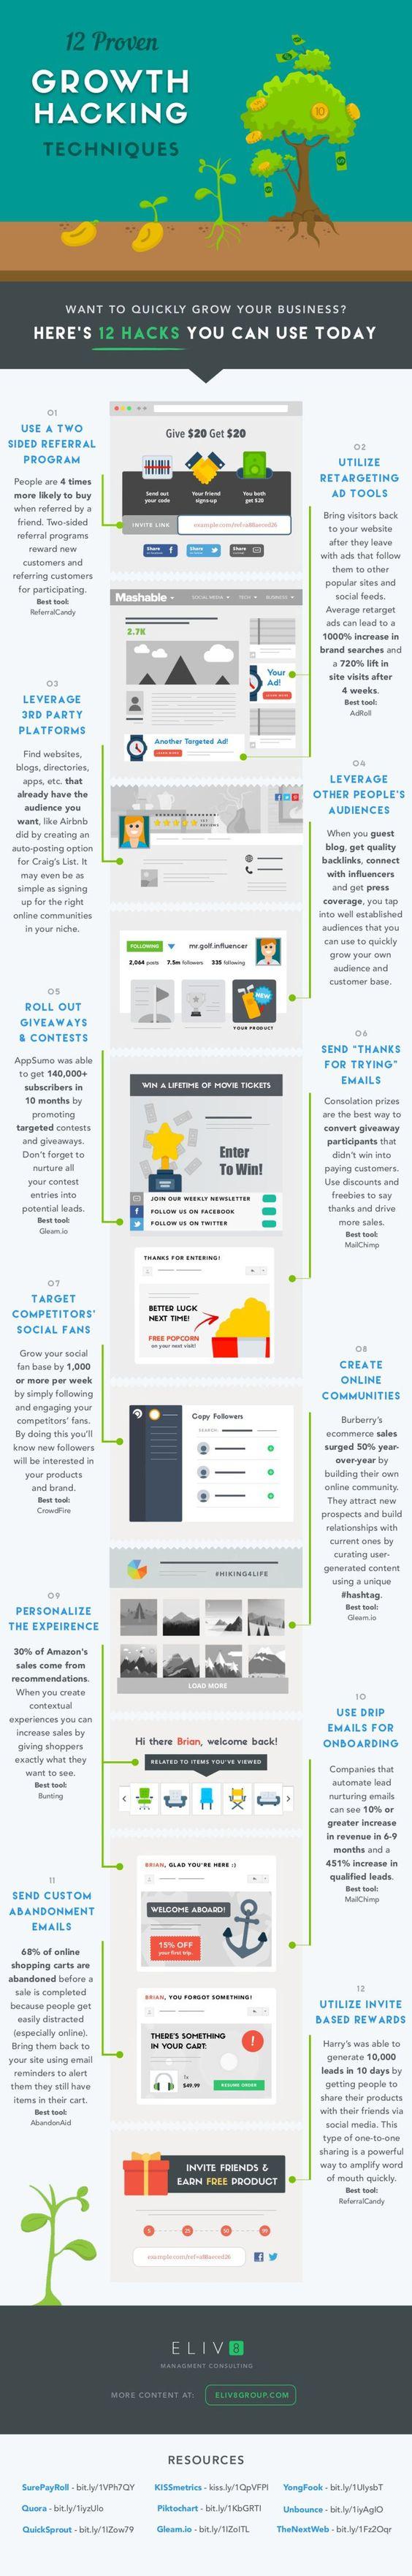 12 técnicas de Growth Hacking probadas #infografia #infographic #marketing